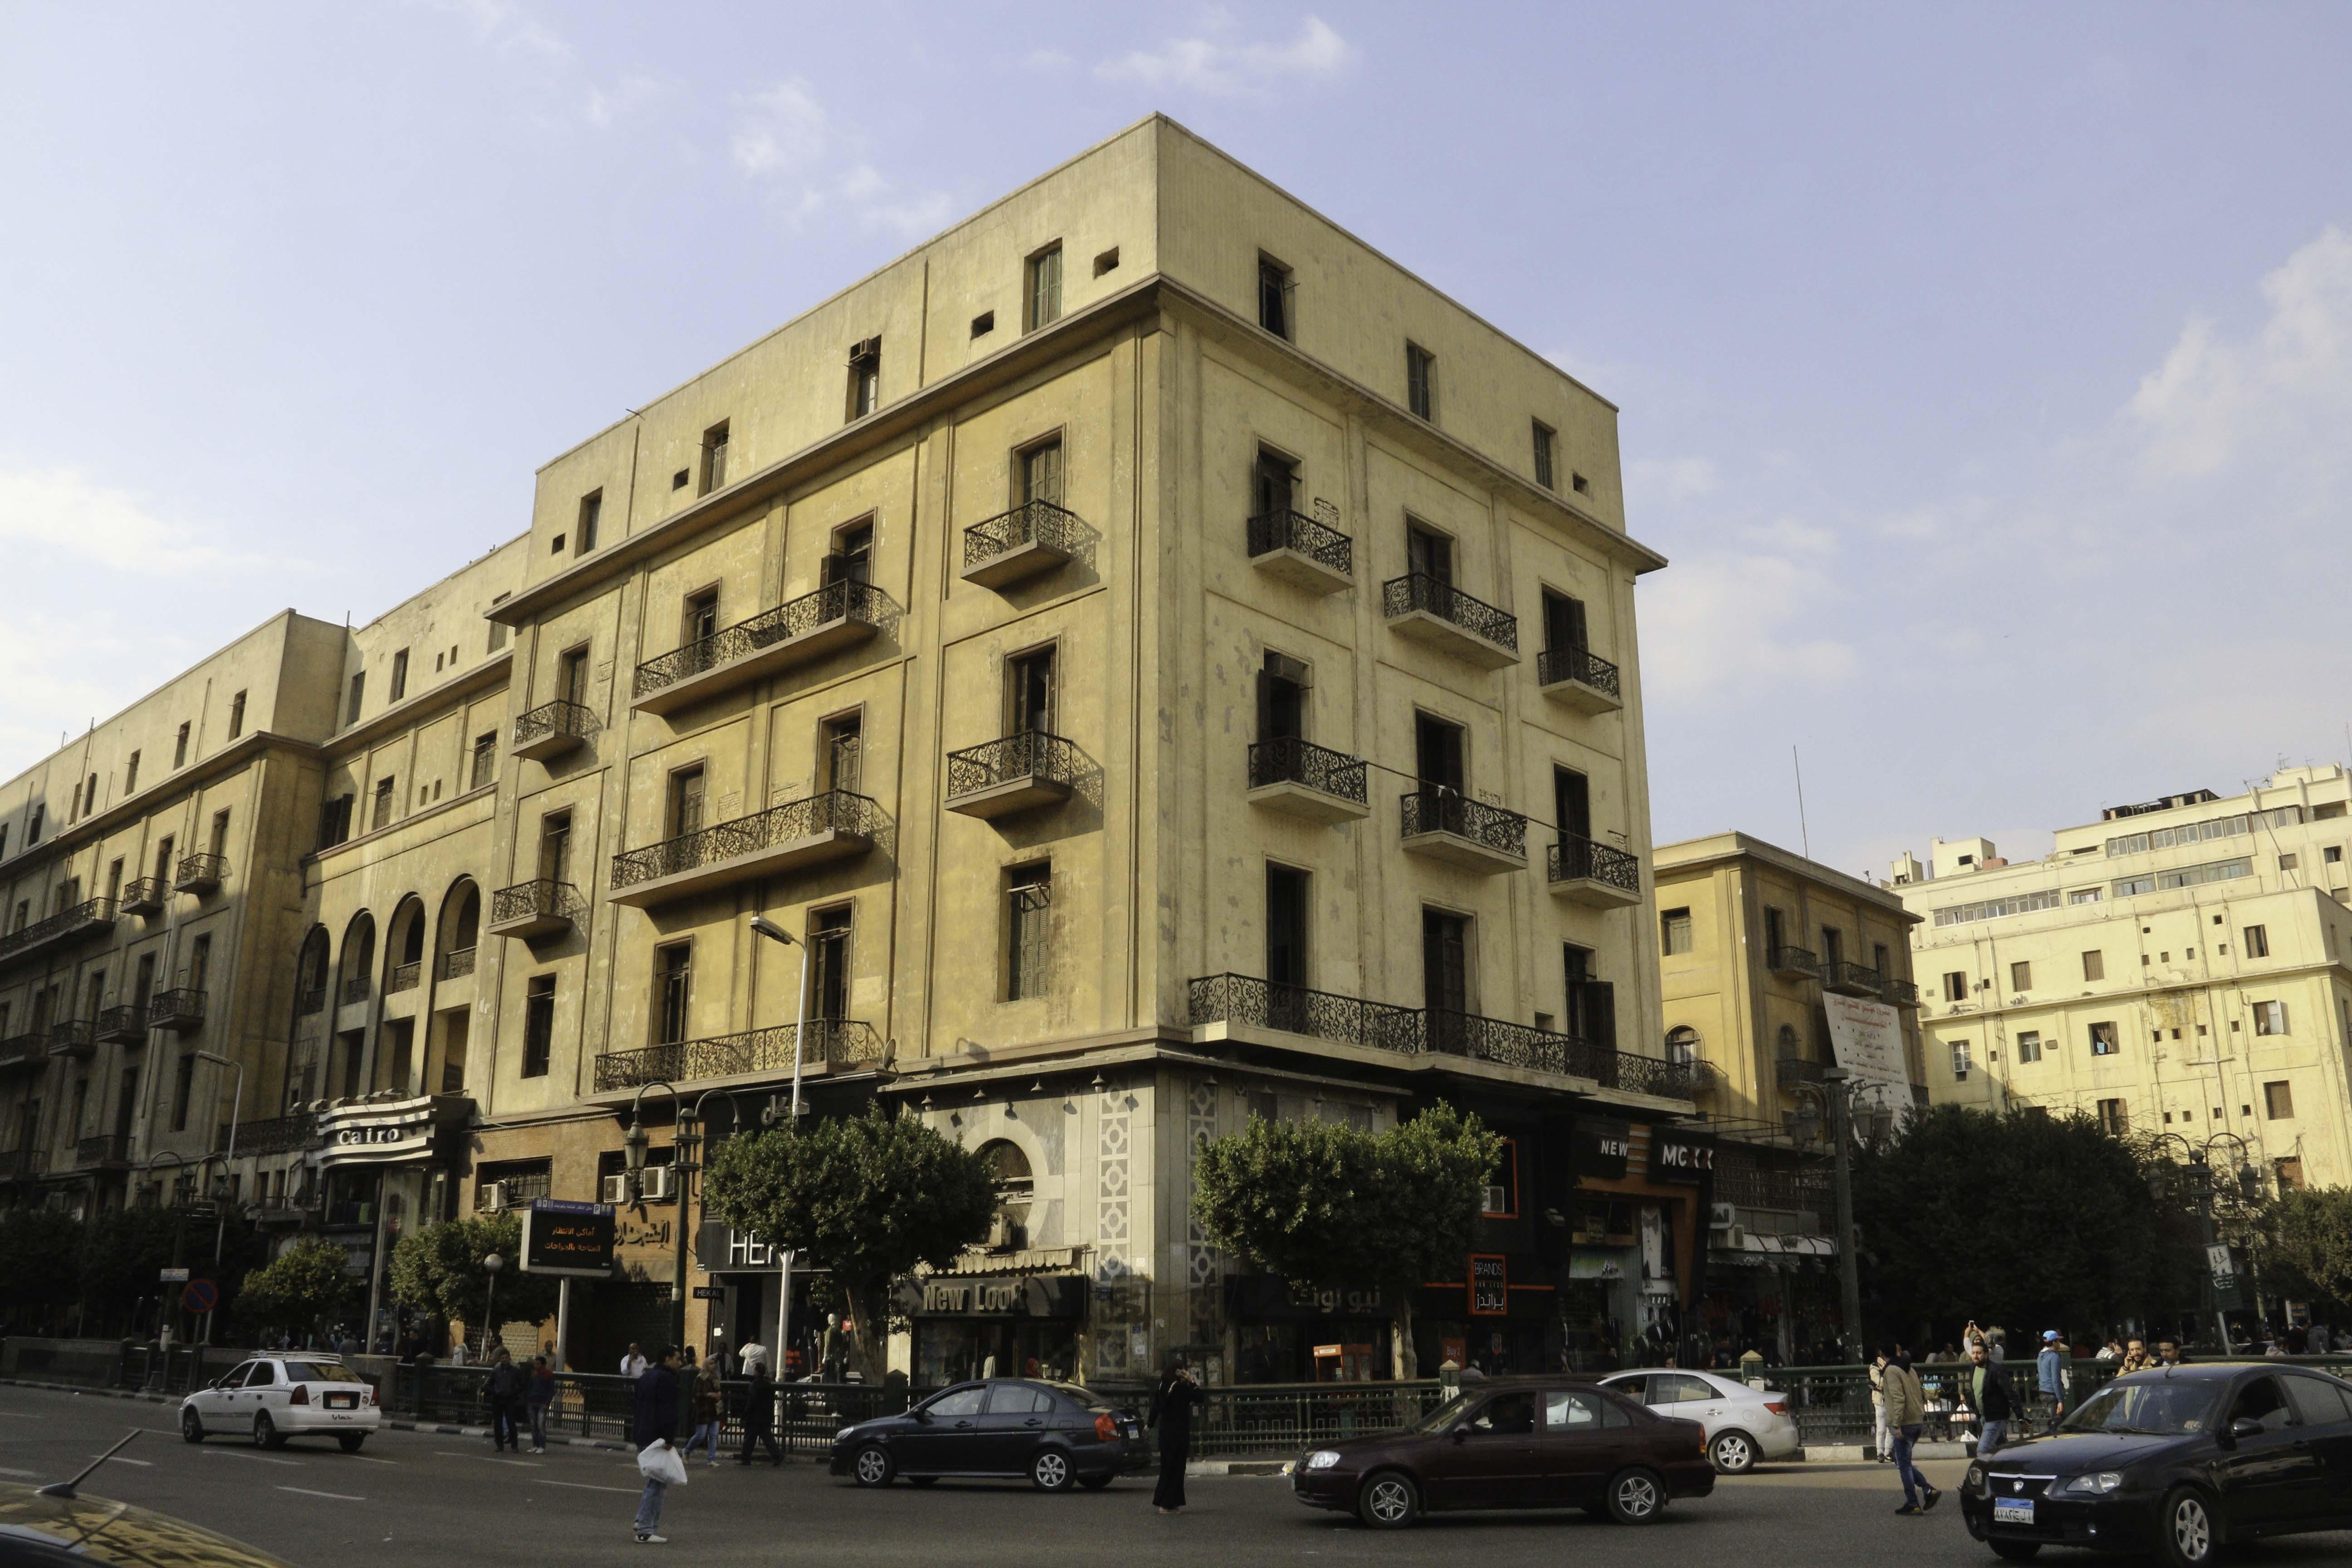 فندق الكونتيننتال - تصوير - صديق البخشونجي